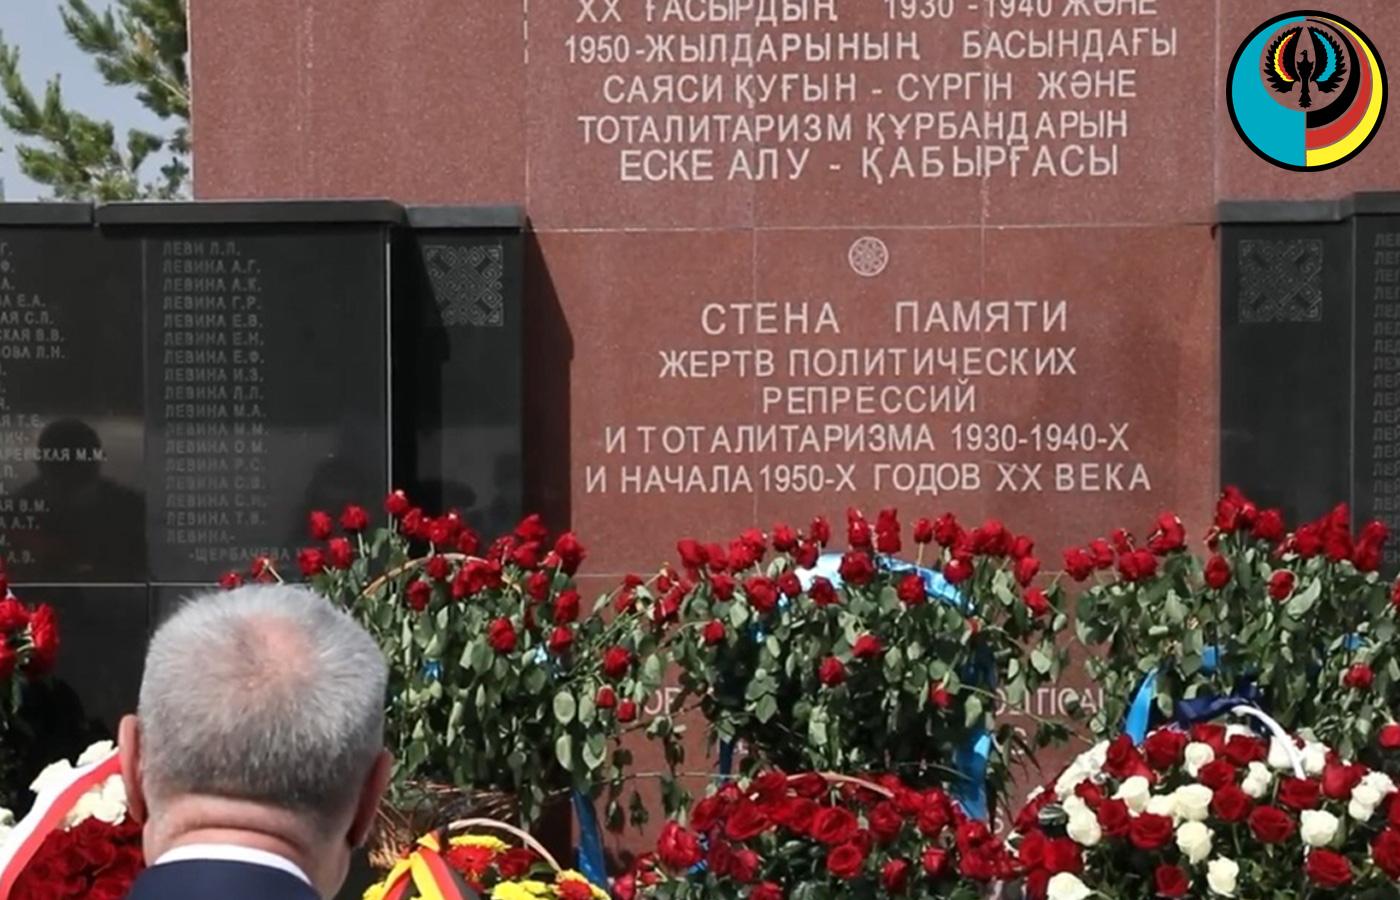 ВИДЕО: Выстраивая новые мосты между Европой и Казахстаном